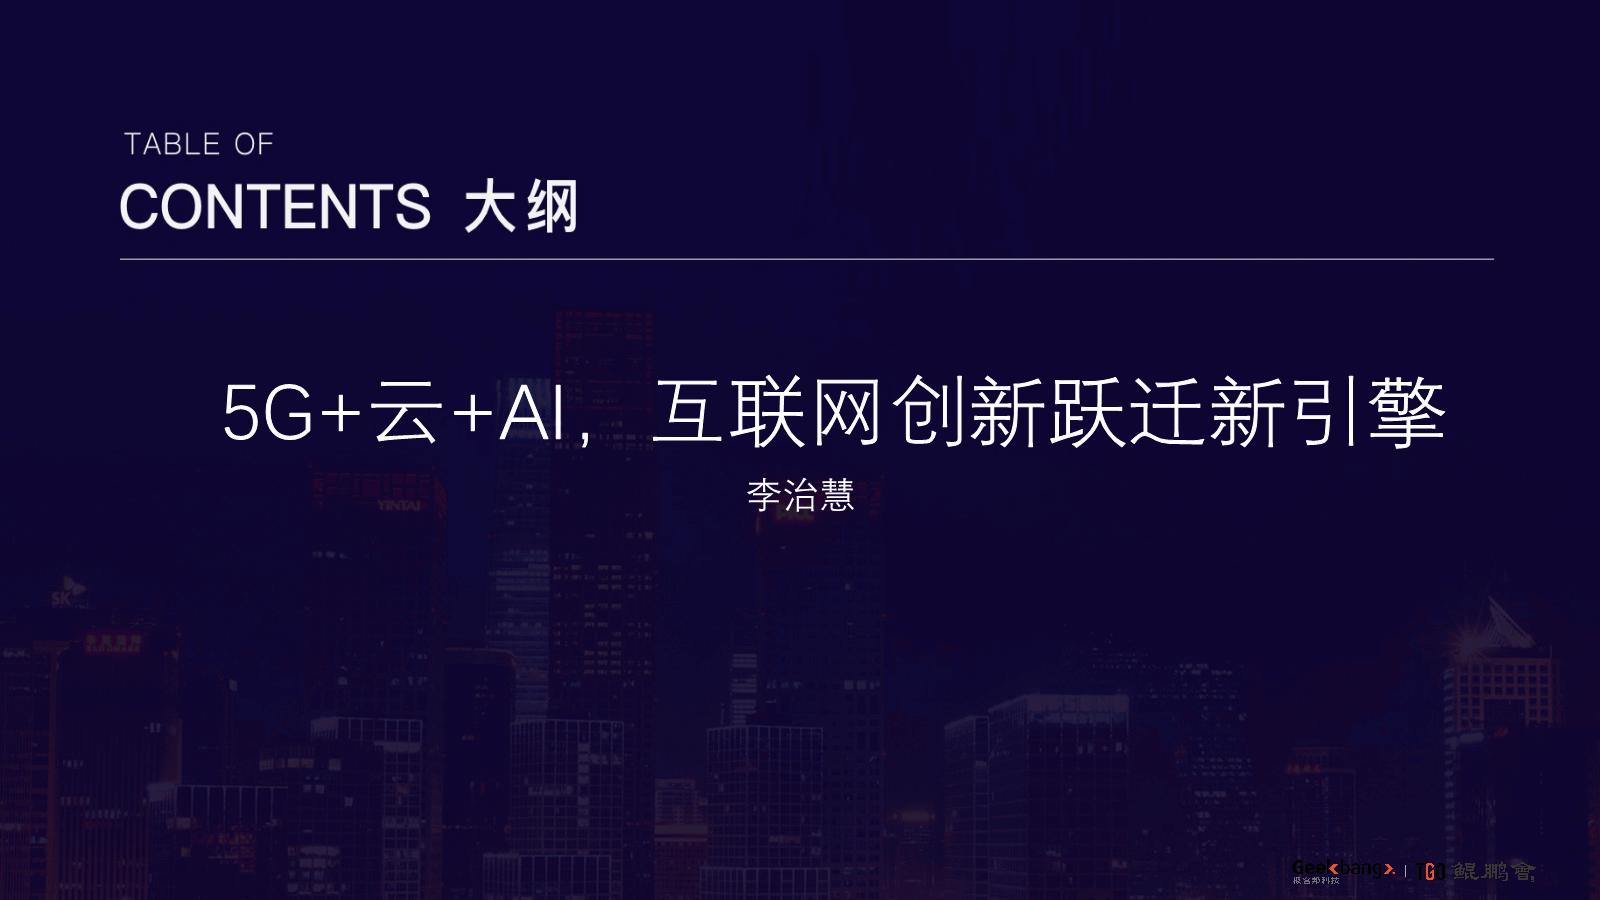 李治慧-5G 云 AI互联网创新跃迁新引擎